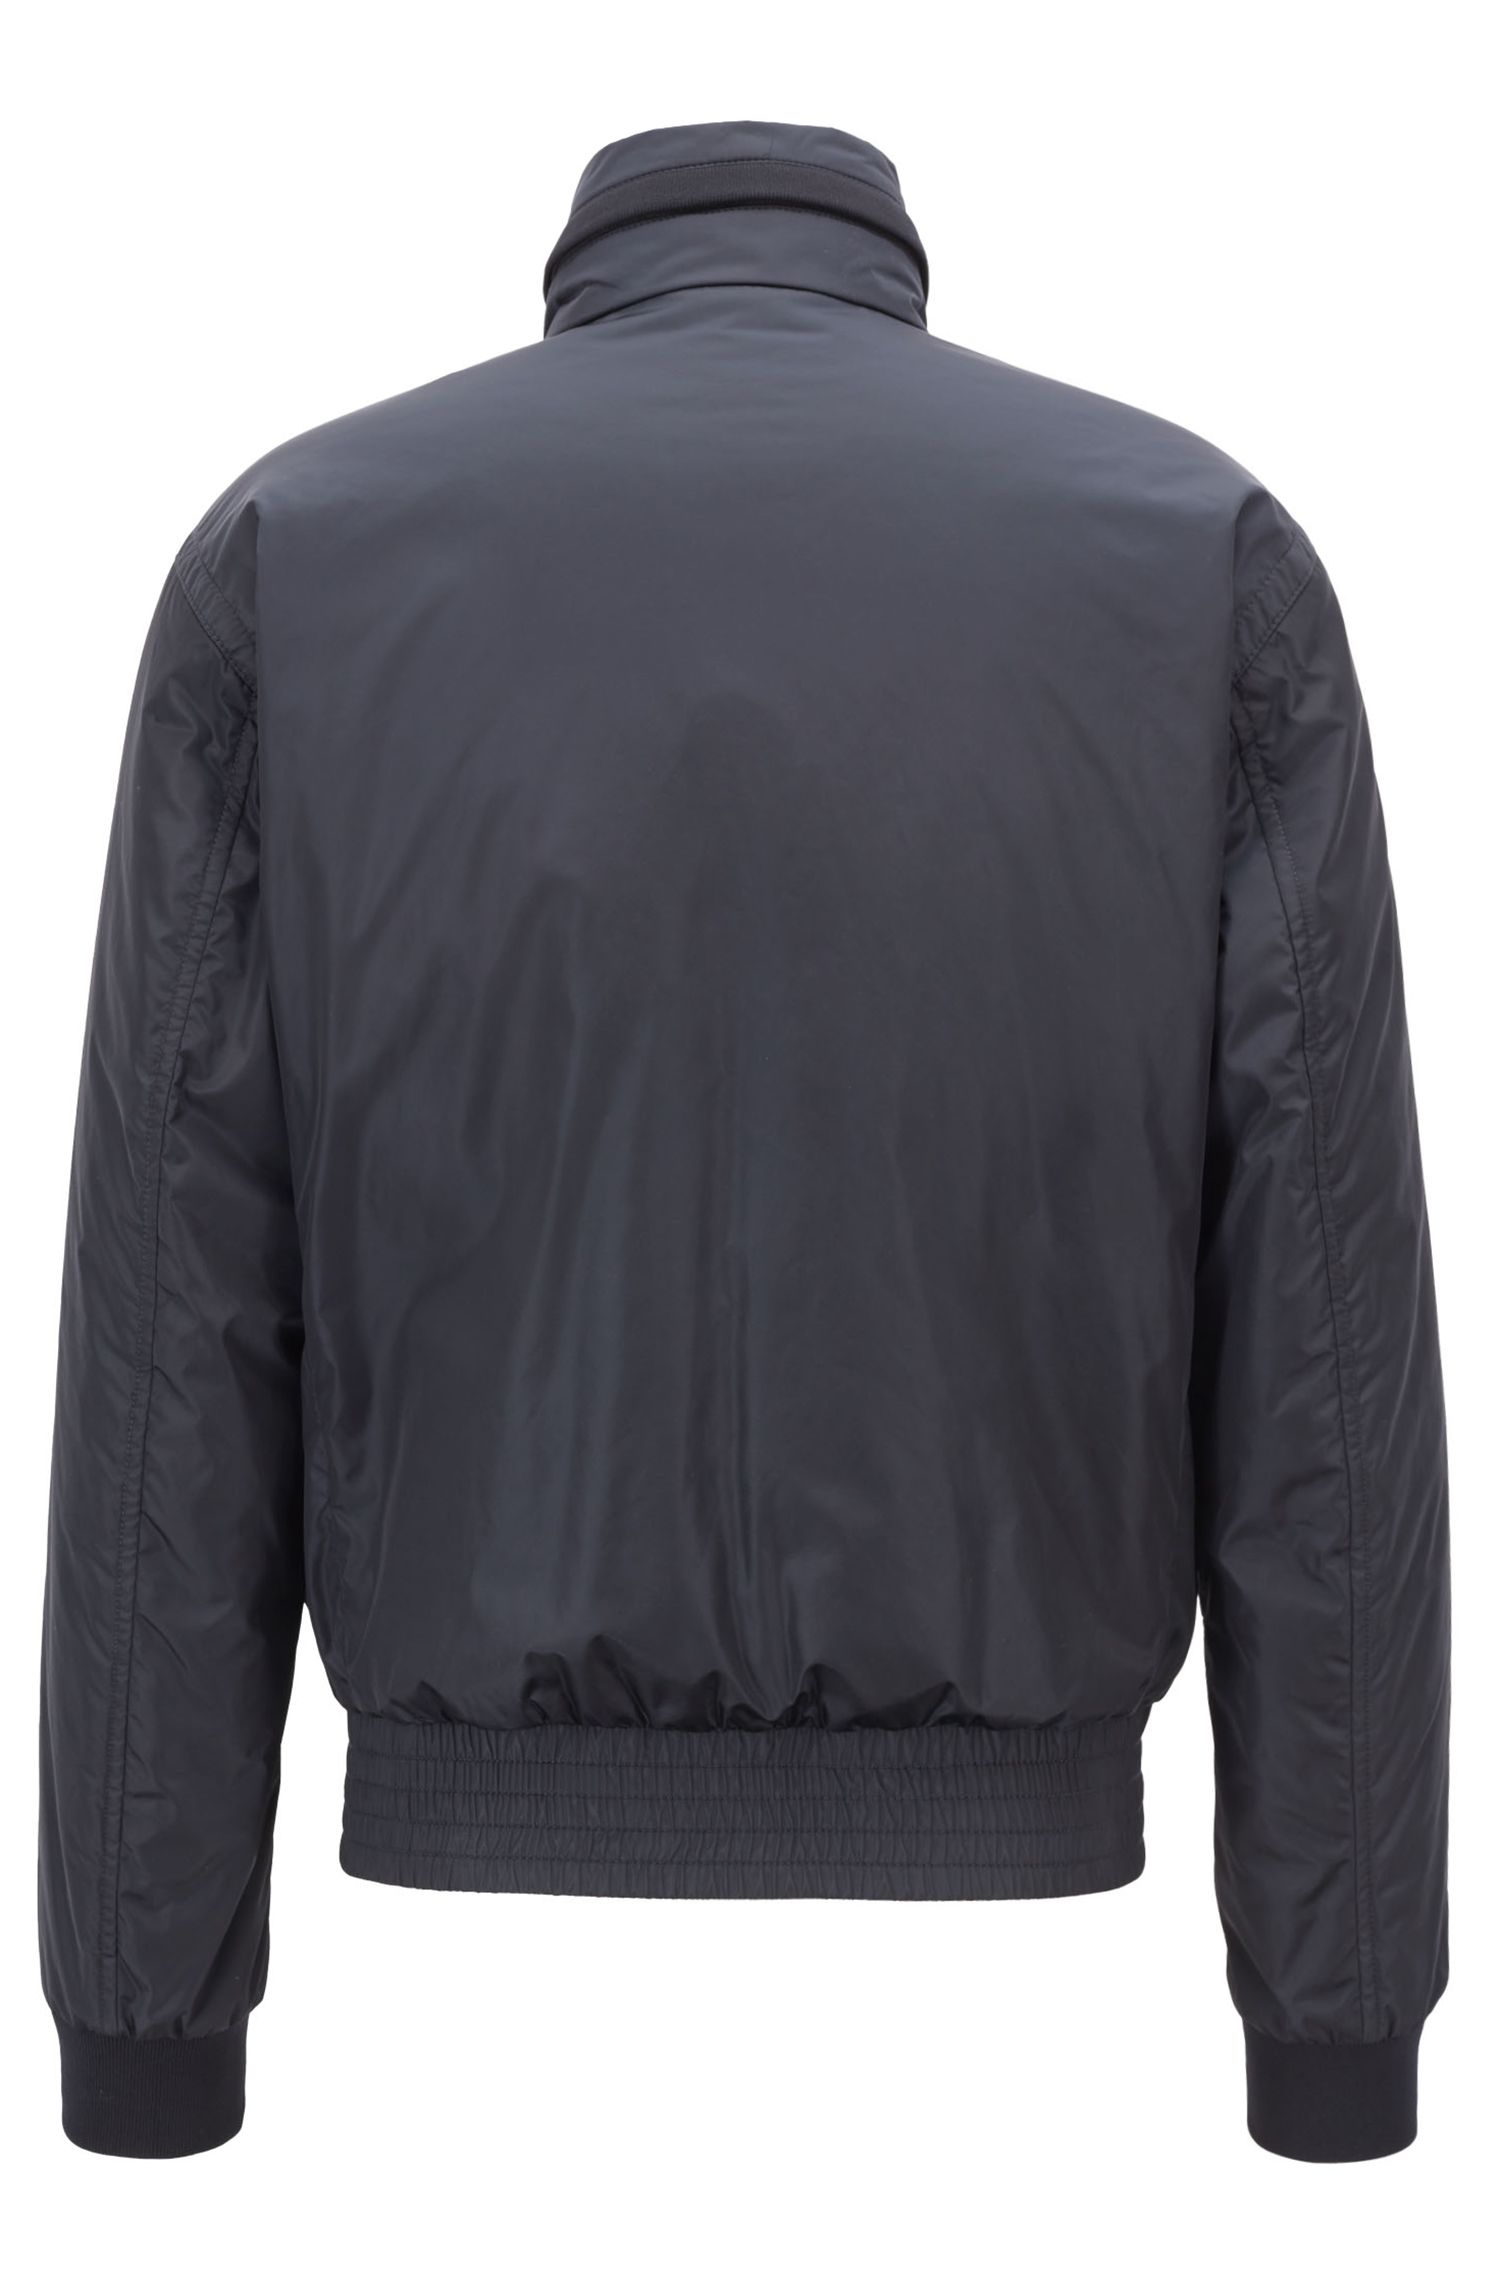 Blouson idrorepellente con cappuccio ripiegabile, Blu scuro